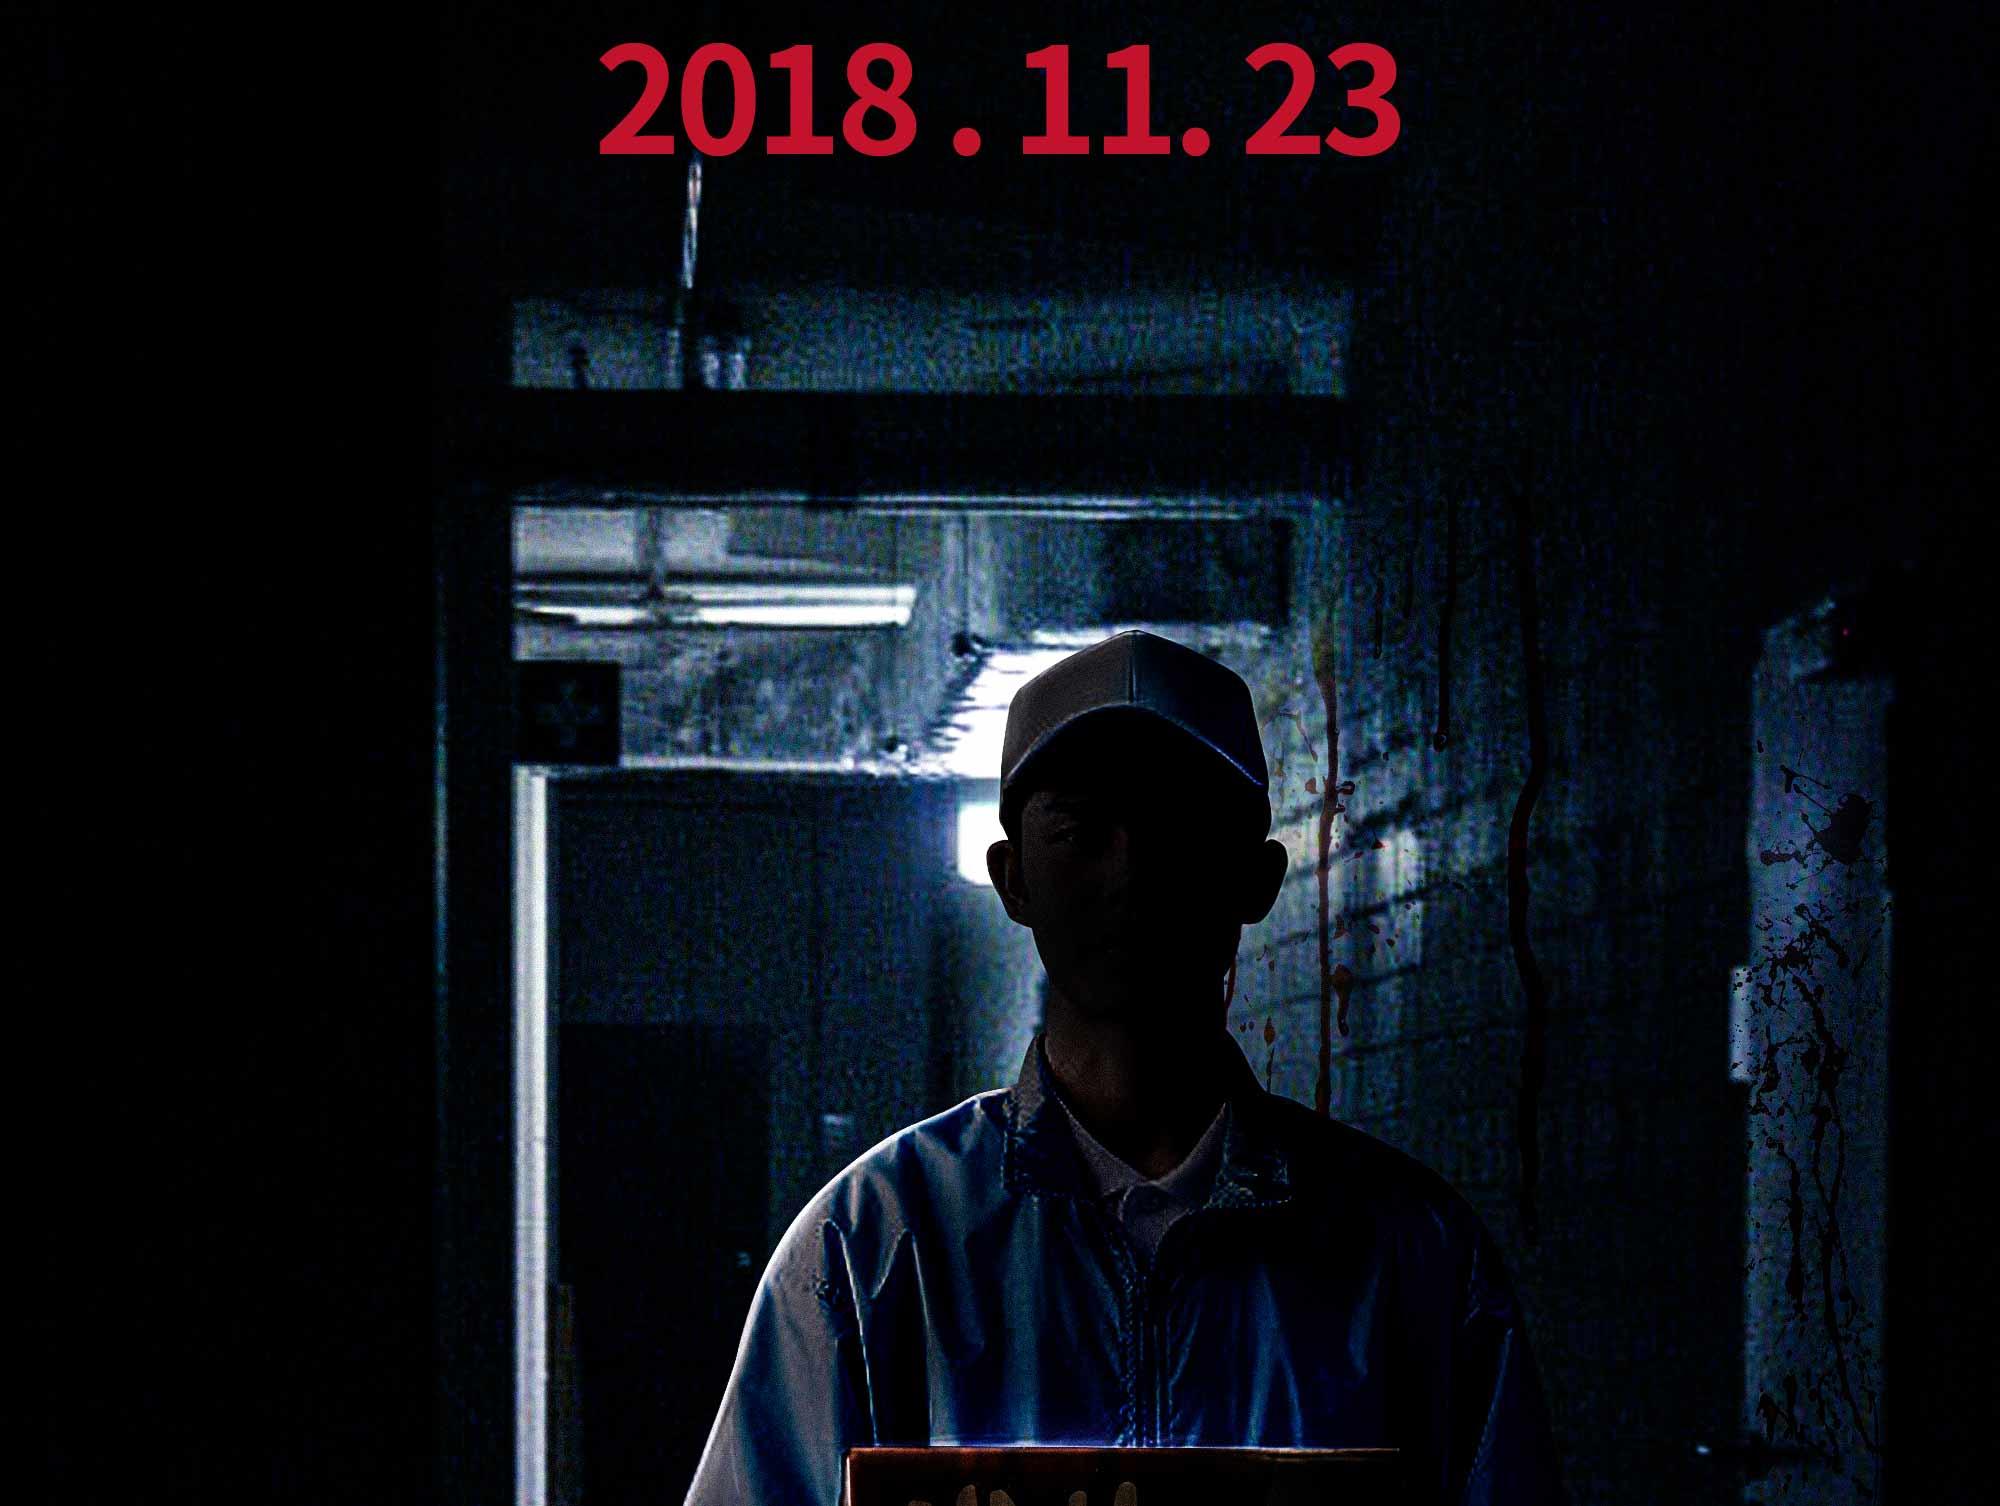 《恐怖快递》发终极海报 概念惊悚吸睛